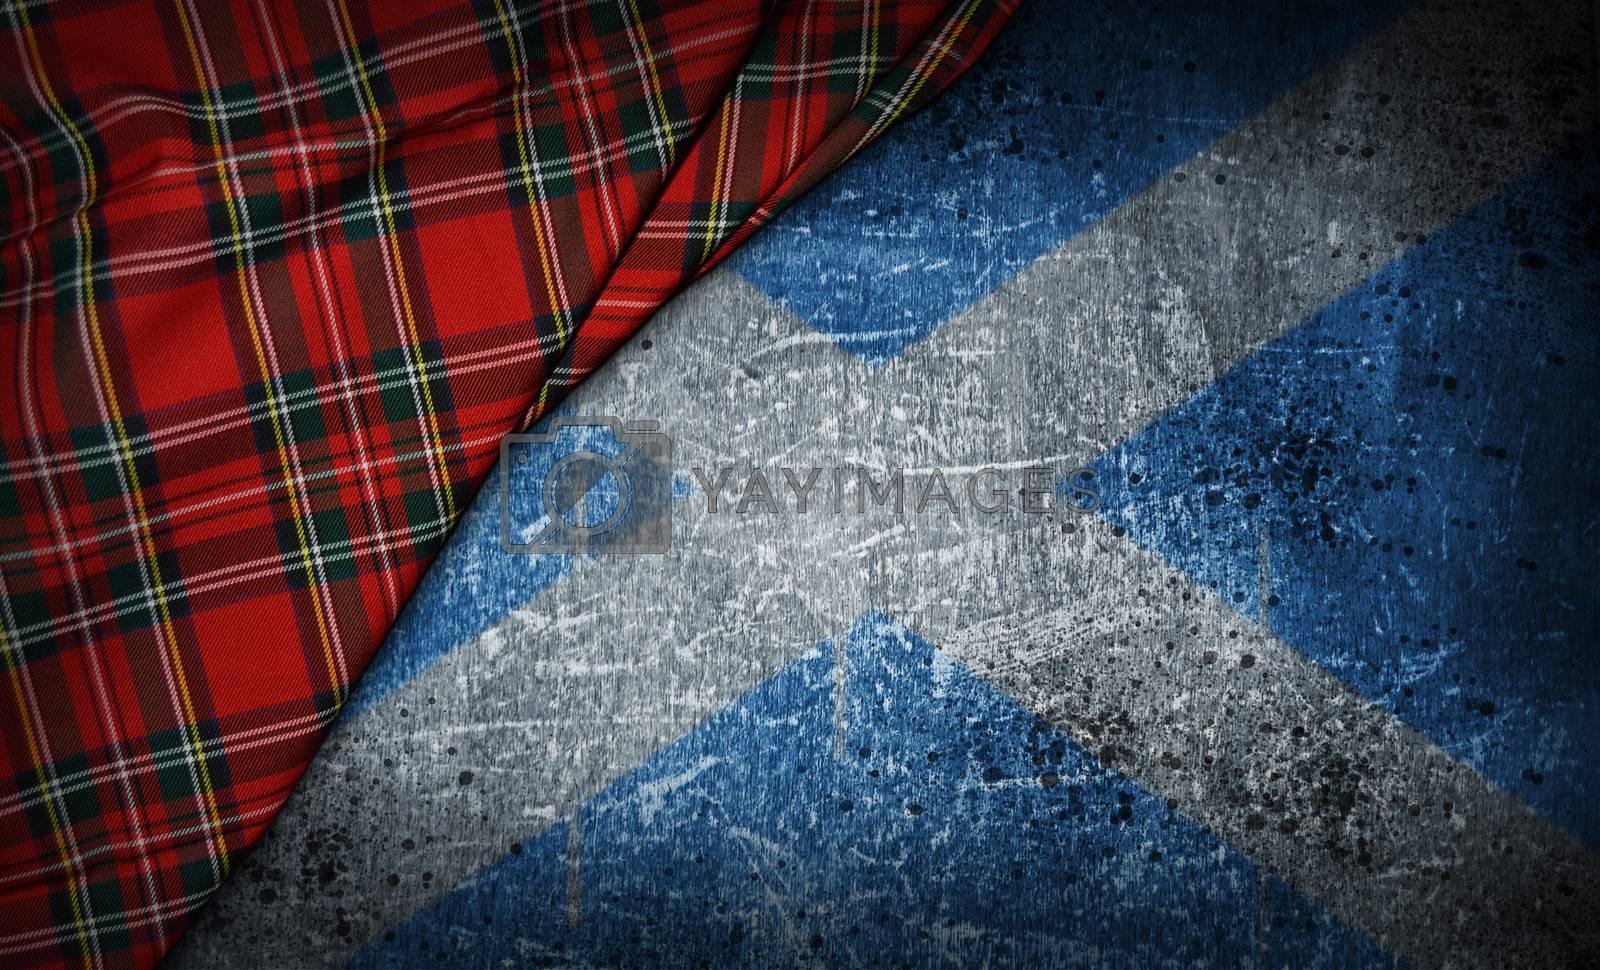 tartan textile on stone background with scotland flag